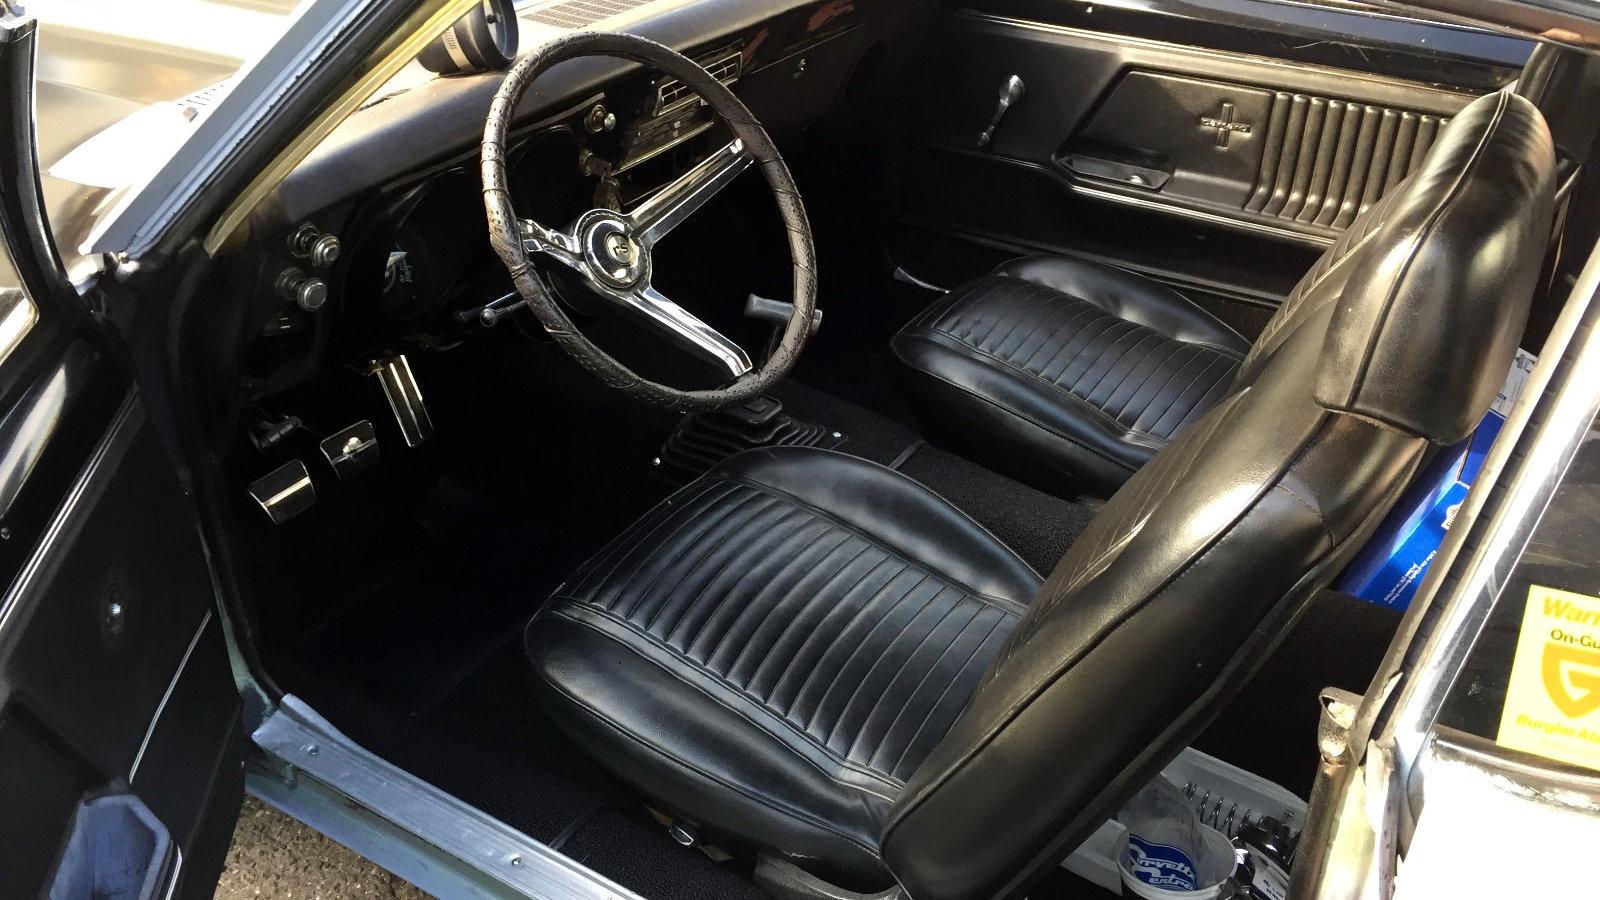 1967 camaro rs interior